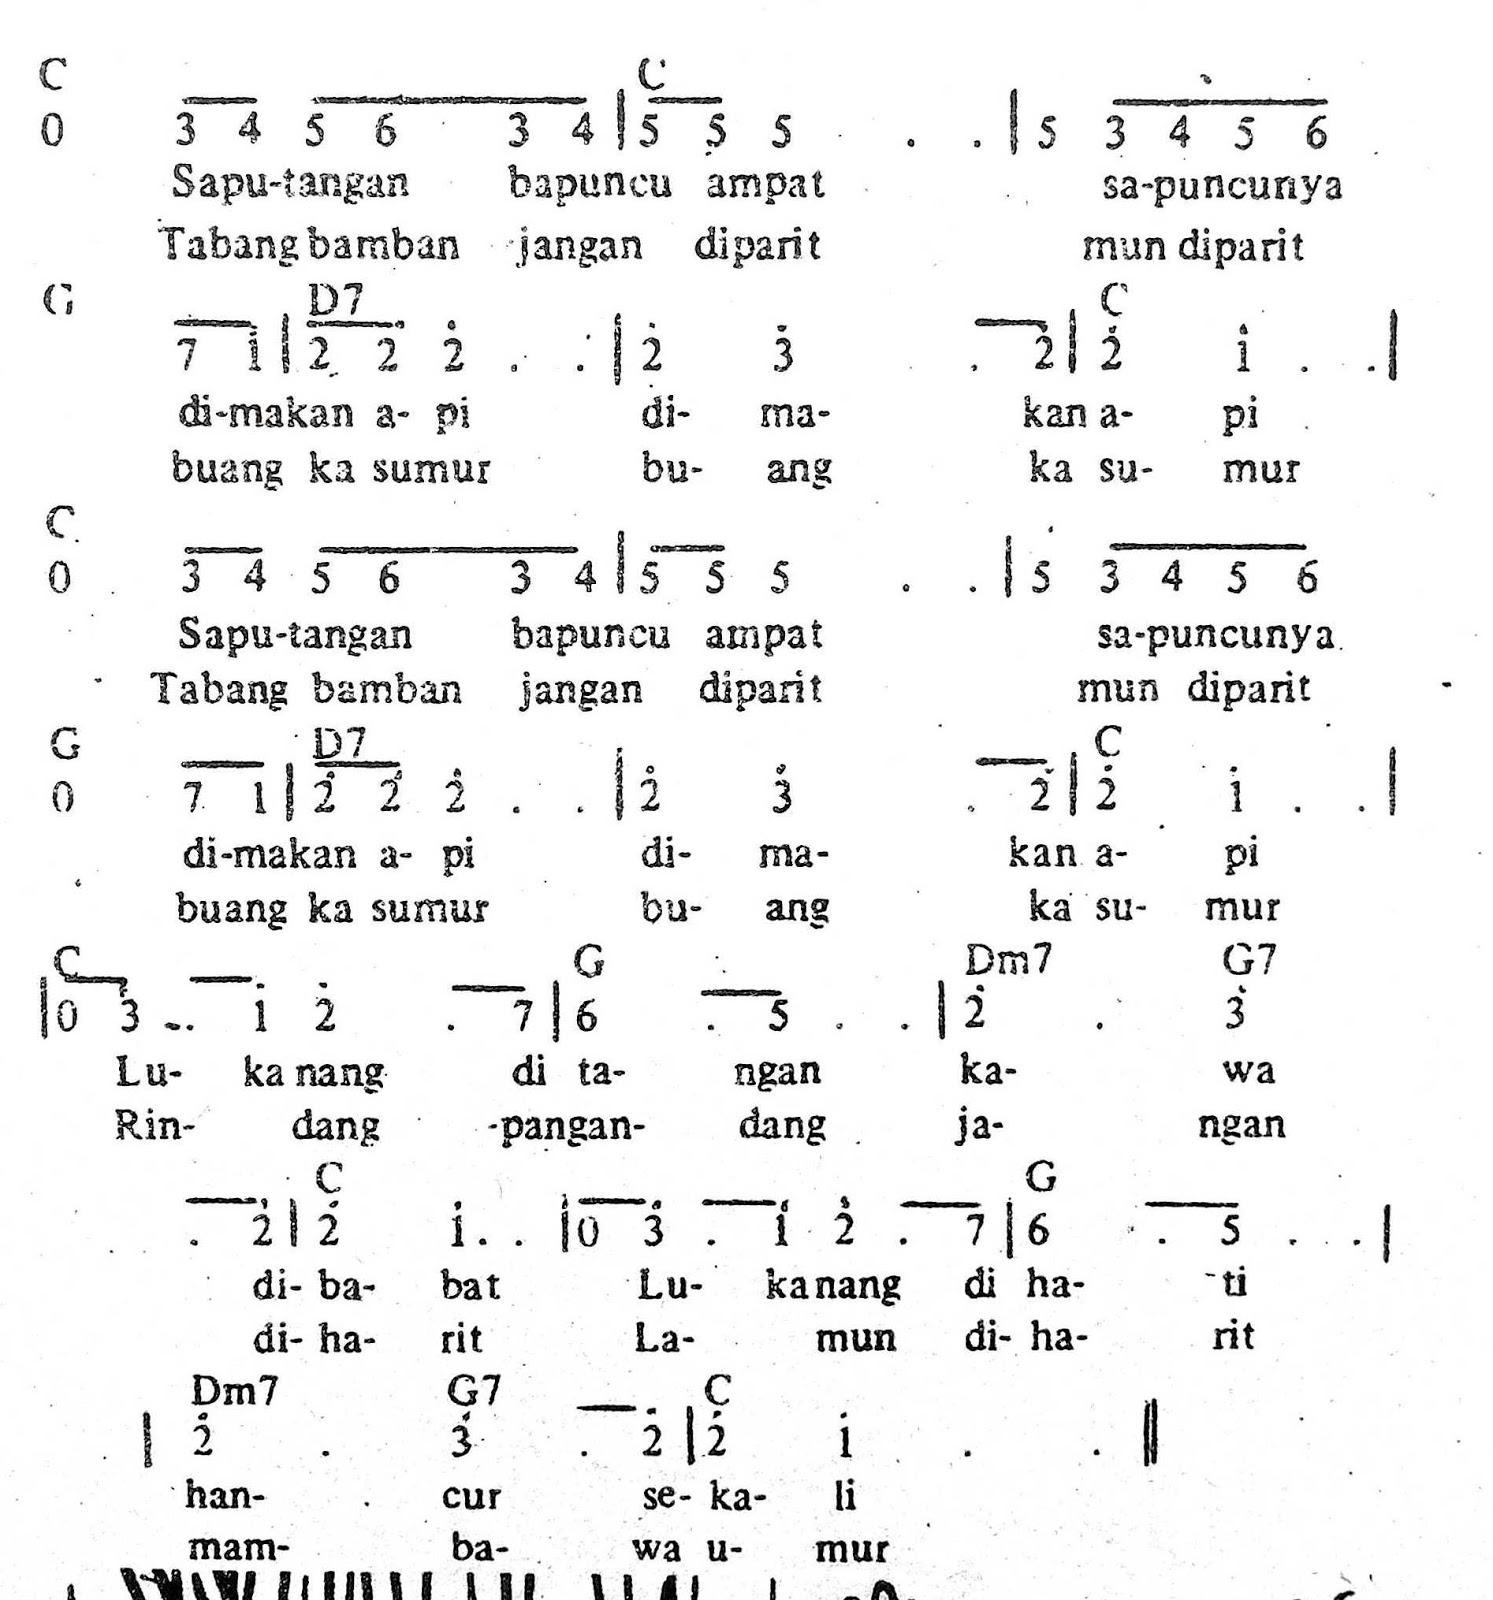 Chord & Arti Lirik Lagu Kalimantan Selatan: Saputangan Babuncu Ampat + Not Angka